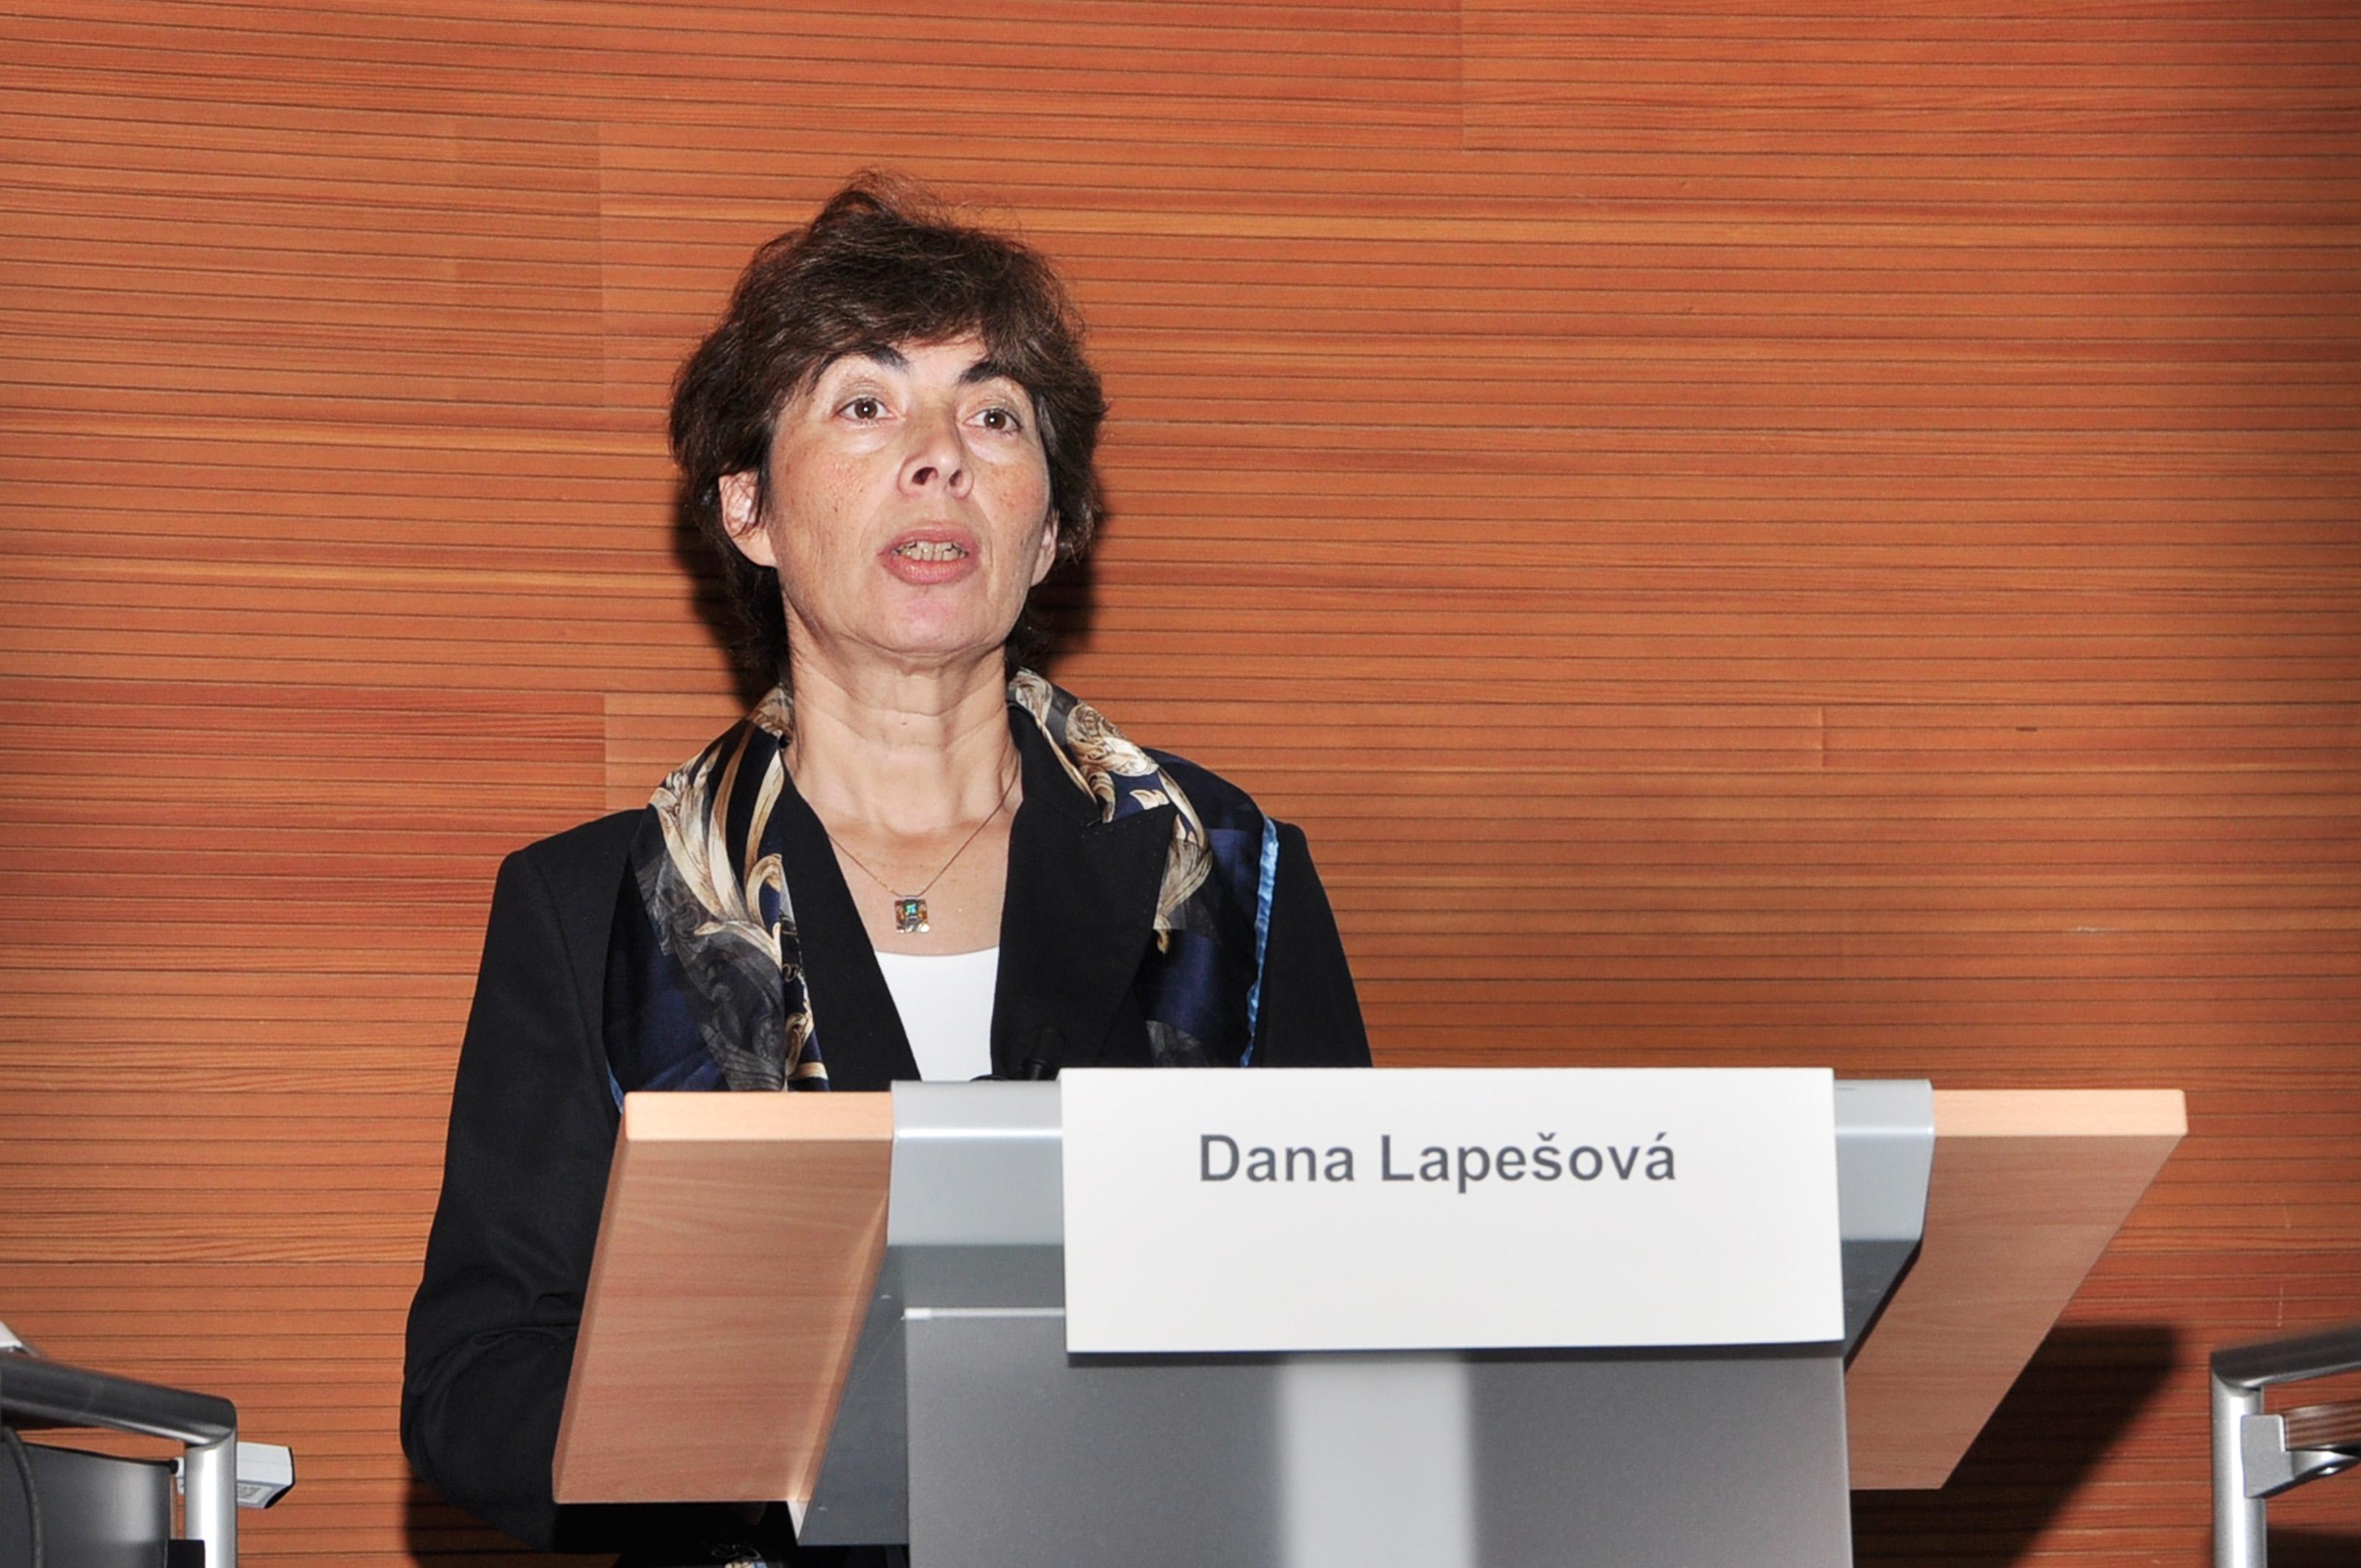 20 Jahre Anlaufstelle Basler Übereinkommen - Dana Lapesova